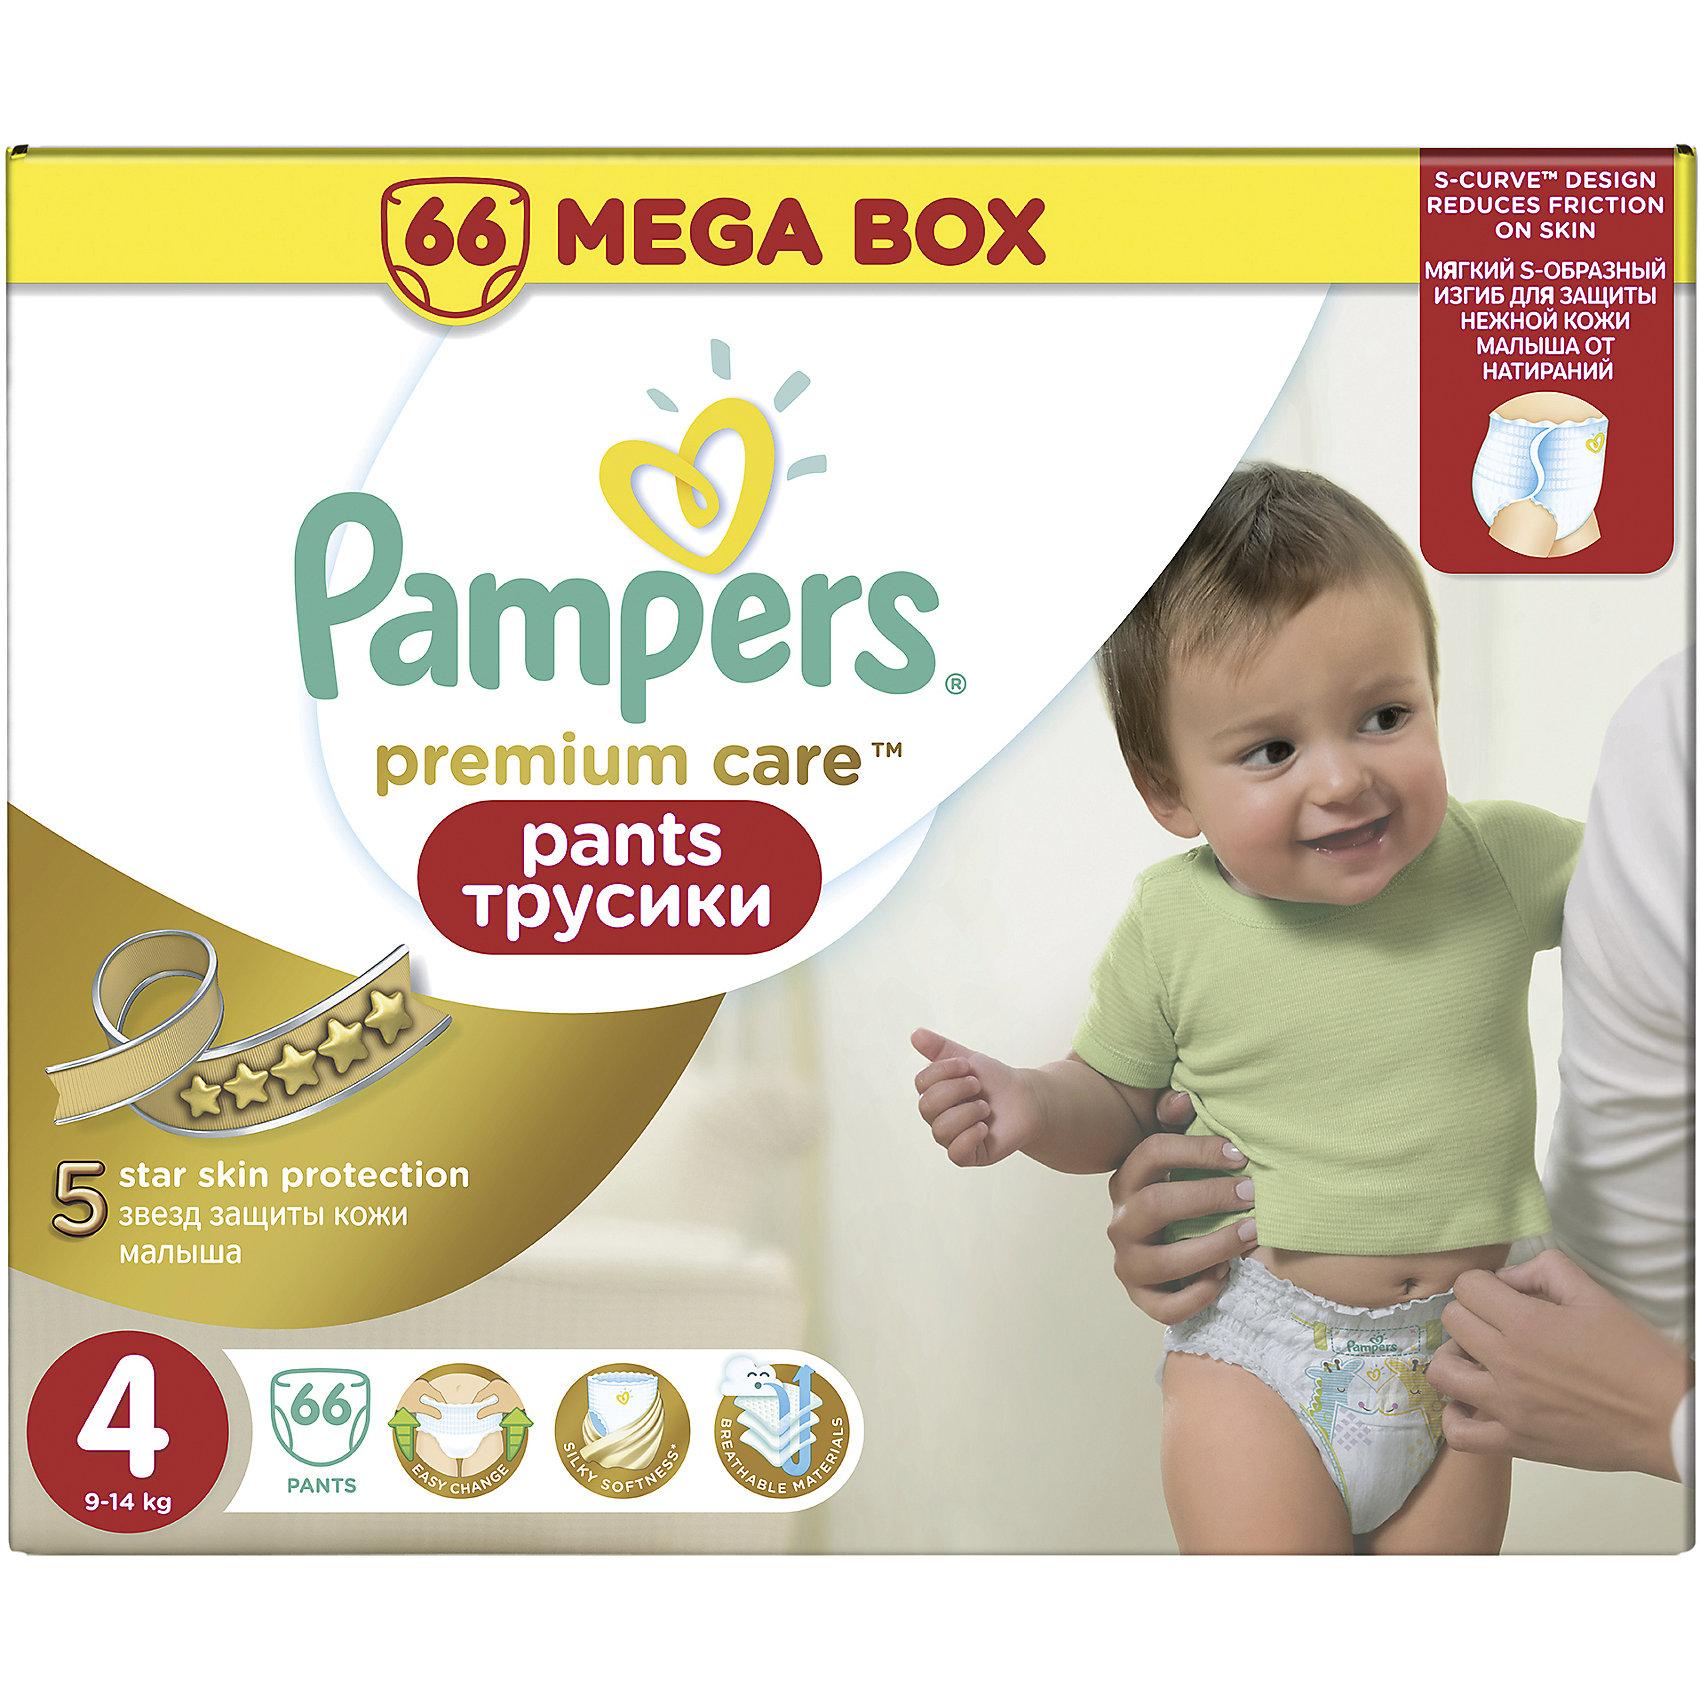 Подгузники-трусики Pampers Premium Care Pants, 9-14кг, размер 4, 66 шт., PampersХарактеристики:<br><br>• Вид подгузника: трусики<br>• Пол: универсальный<br>• Тип подгузника: одноразовый<br>• Коллекция: Premium Care<br>• Предназначение: для использования в любое время суток <br>• Размер: 4<br>• Вес ребенка: от 9 до 14 кг<br>• Количество в упаковке: 66 шт.<br>• Упаковка: картонная коробка<br>• Размер упаковки: 36*23,9*30,3 см<br>• Вес в упаковке: 2 кг 477 г<br>• Наружные боковые швы<br>• Подходят для чувствительной кожи<br>• Индикатор влаги<br>• Дышащие материалы<br>• Повышенные впитывающие свойства<br><br>Трусики Pampers Premium Care Pants, 9-14 кг, размер 4, 66 шт., Pampers – это новейшая линейка детских подгузников от Pampers, которая сочетает в себе высокое качество и безопасность материалов, удобство использования и комфорт для нежной кожи малыша. Подгузники выполнены в виде трусиков и предназначены для детей весом до 14 кг. Инновационные технологии и современные материалы обеспечивают этим подгузникам Дышащие свойства, что особенно важно для кожи малыша. <br><br>Три впитывающих слоя обеспечивают повышенные впитывающие качества, при этом верхний слой остается сухим и мягким. У трусиков предусмотрена эластичная мягкая резиночка на спинке и манжеты на ножках, что защищает от протекания. У изделия имеется индикатор сухости-влажности: полоска, которая по мере наполнения меняет цвет. Боковые наружные швы не натирают нежную кожу малыша, легко разрываются при смене трусиков. Сзади имеется клейкая лента, которая позволяет зафиксировать свернутые после использования трусики. Трусики подходит как для мальчиков, так и для девочек. <br><br>Трусики Pampers Premium Care Pants, 9-14 кг, размер 4, 66 шт., Pampers можно купить в нашем интернет-магазине.<br><br>Ширина мм: 360<br>Глубина мм: 239<br>Высота мм: 303<br>Вес г: 2477<br>Возраст от месяцев: 6<br>Возраст до месяцев: 18<br>Пол: Унисекс<br>Возраст: Детский<br>SKU: 5419040